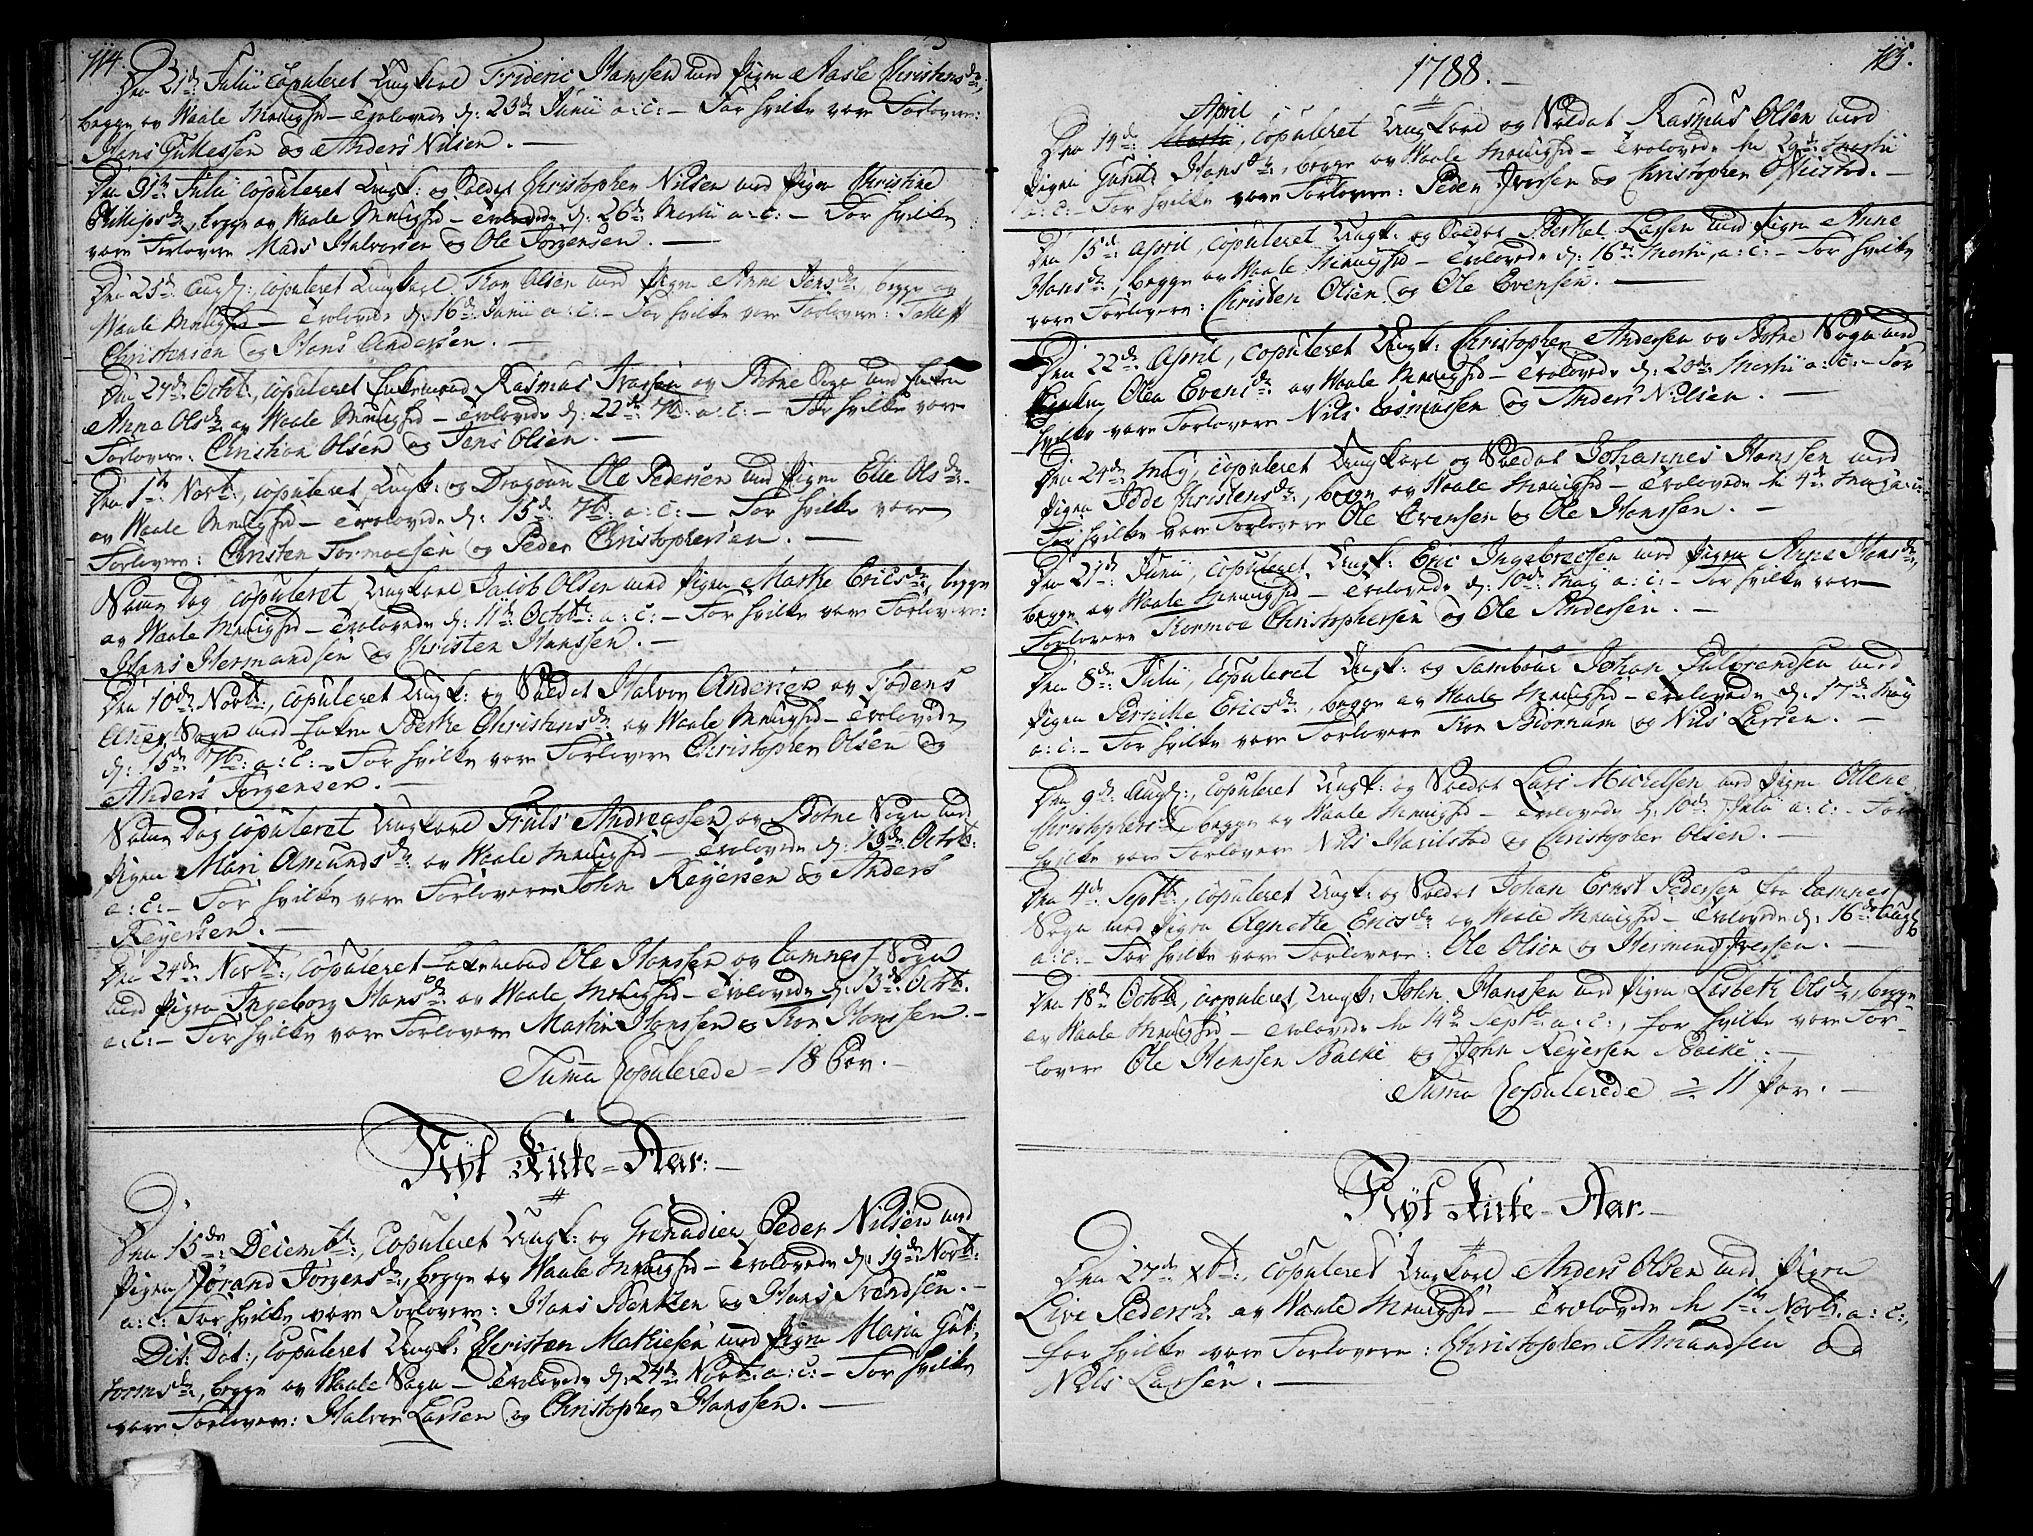 SAKO, Våle kirkebøker, F/Fa/L0005: Ministerialbok nr. I 5, 1773-1808, s. 114-115